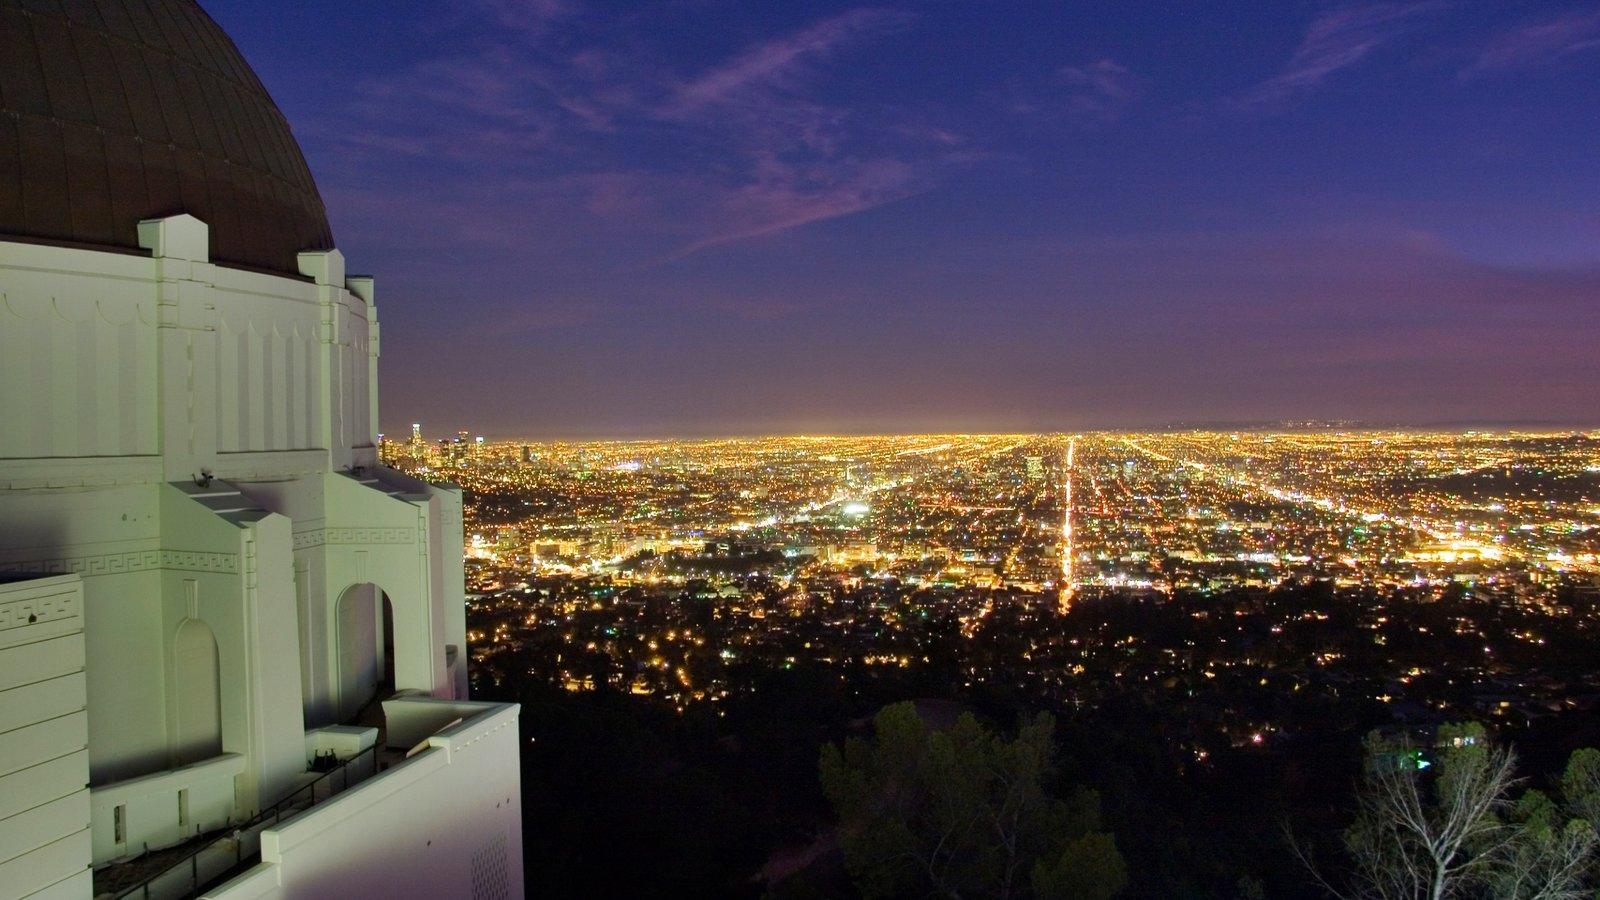 Griffith Observatory que inclui linha do horizonte, um observatório e paisagens